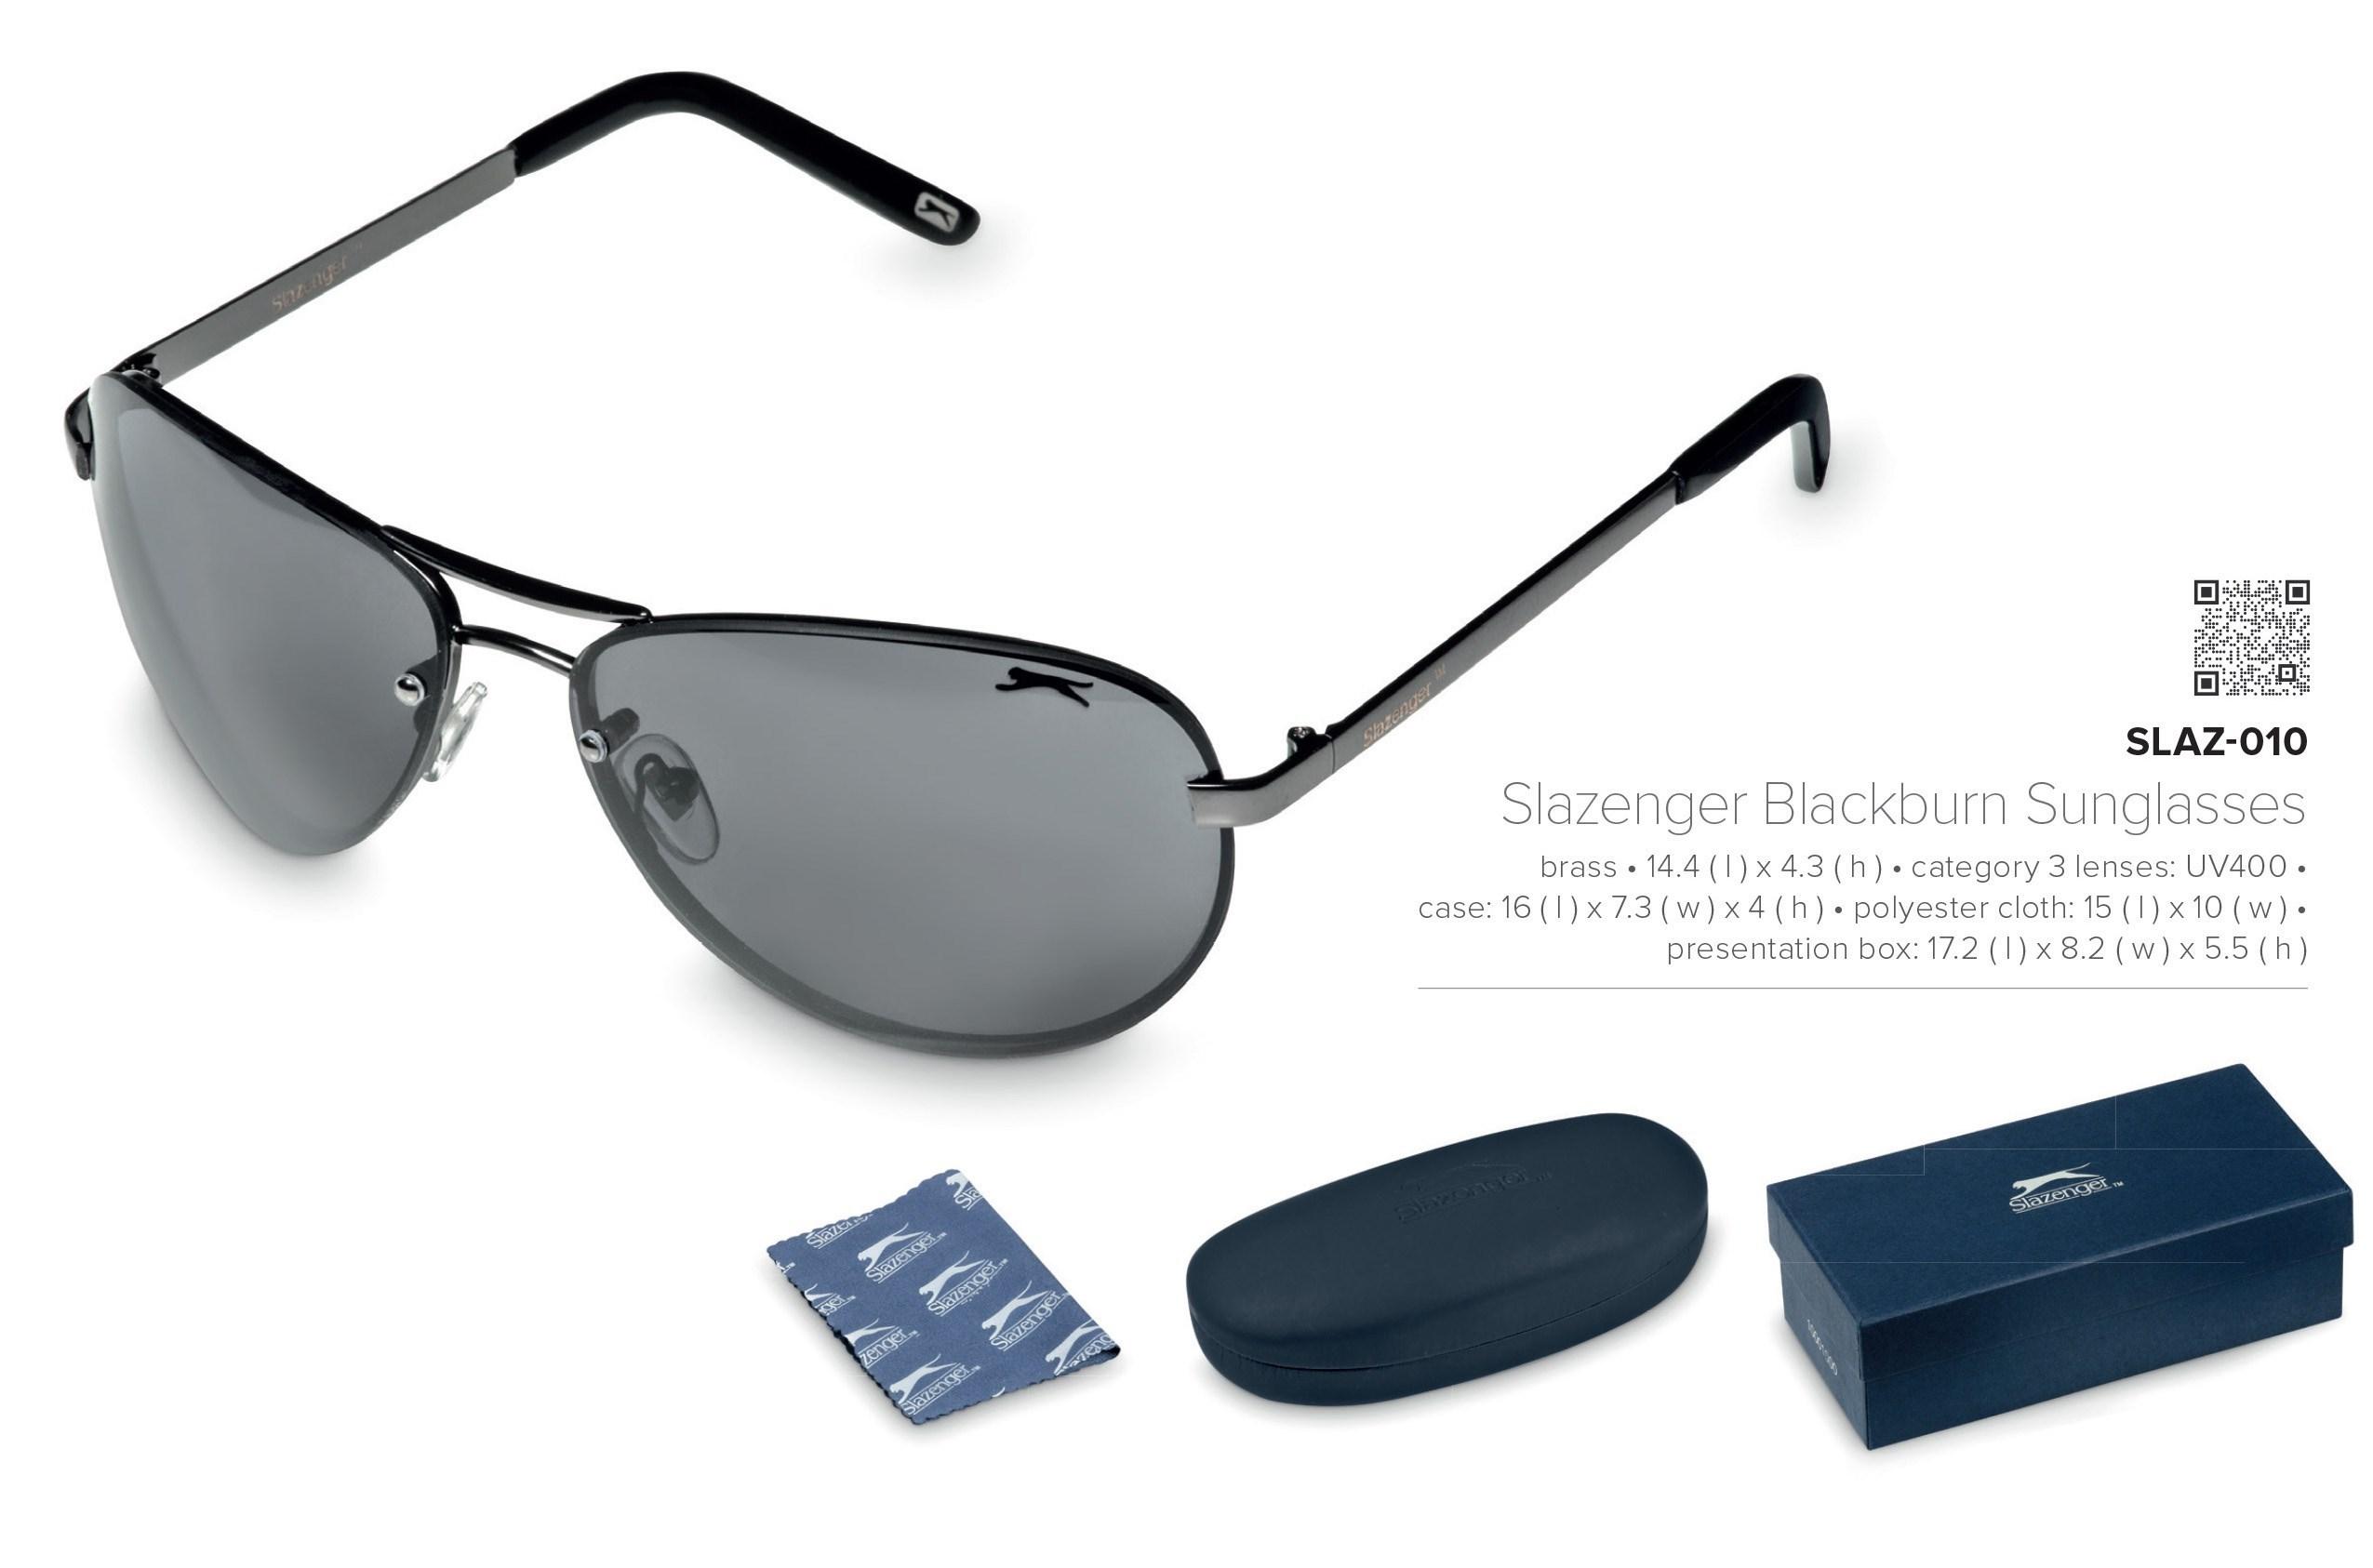 slazenger blackburn sunglasses slaz 010